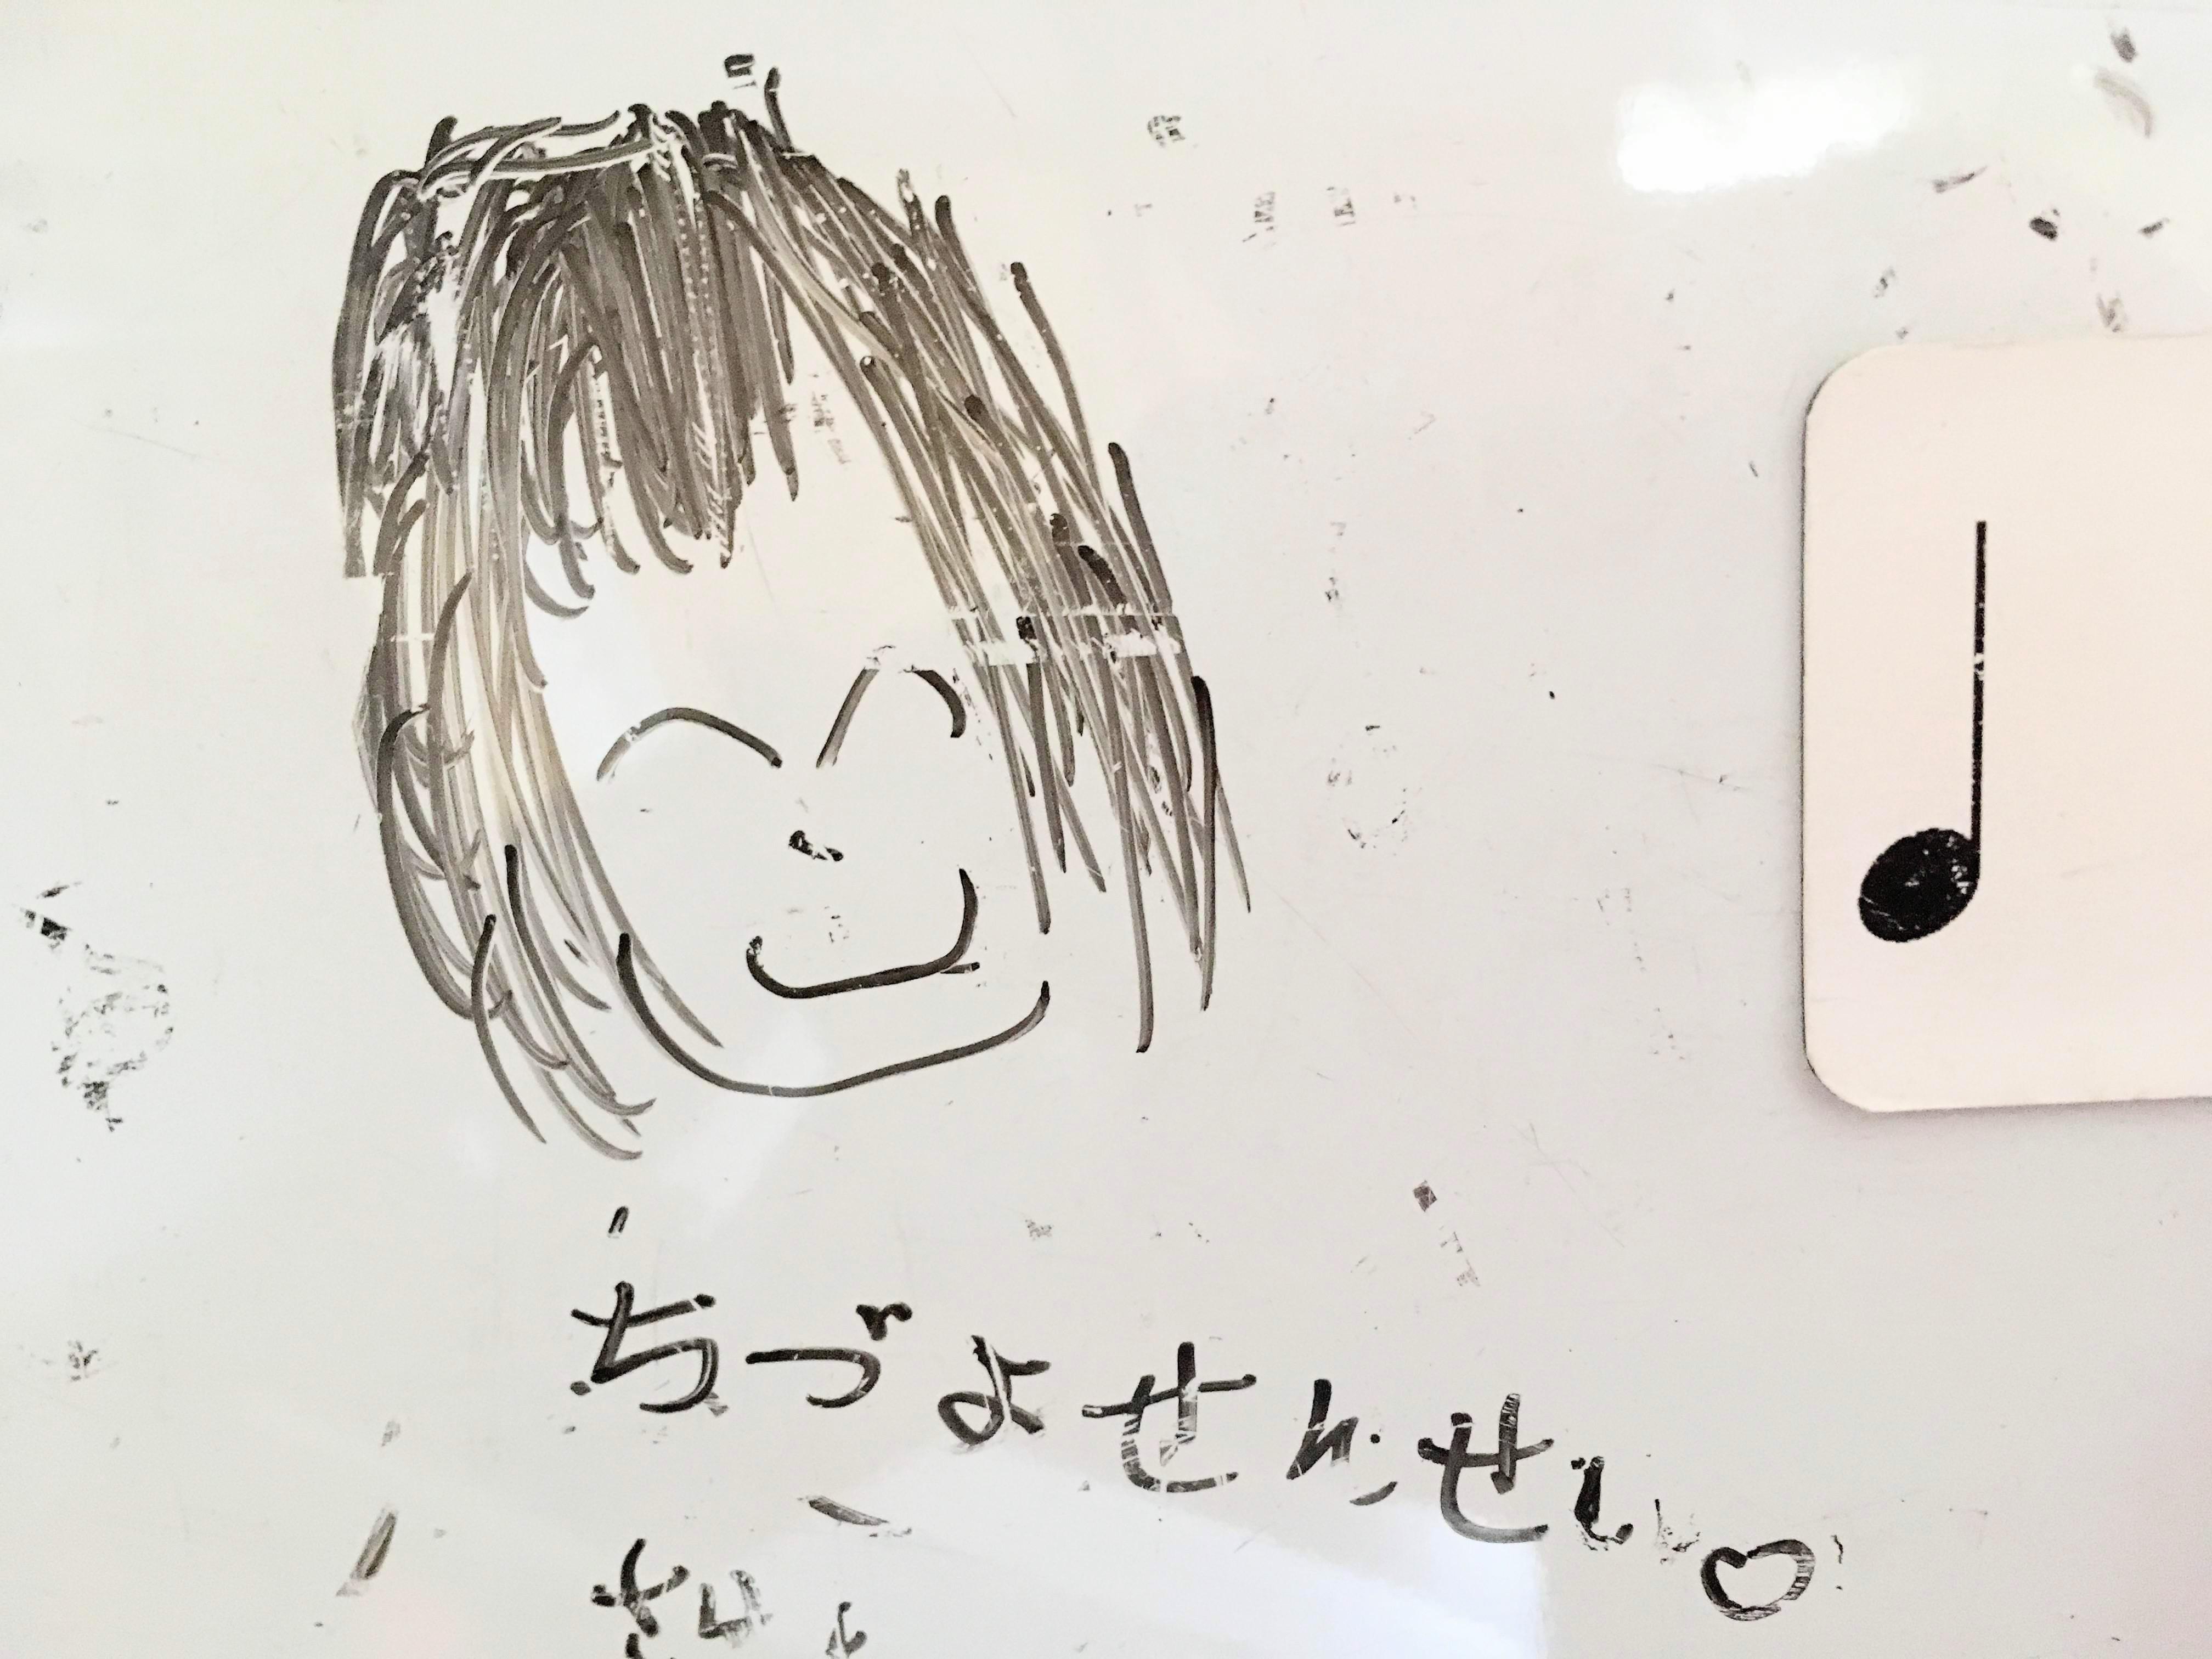 私の似顔絵 生徒さん作